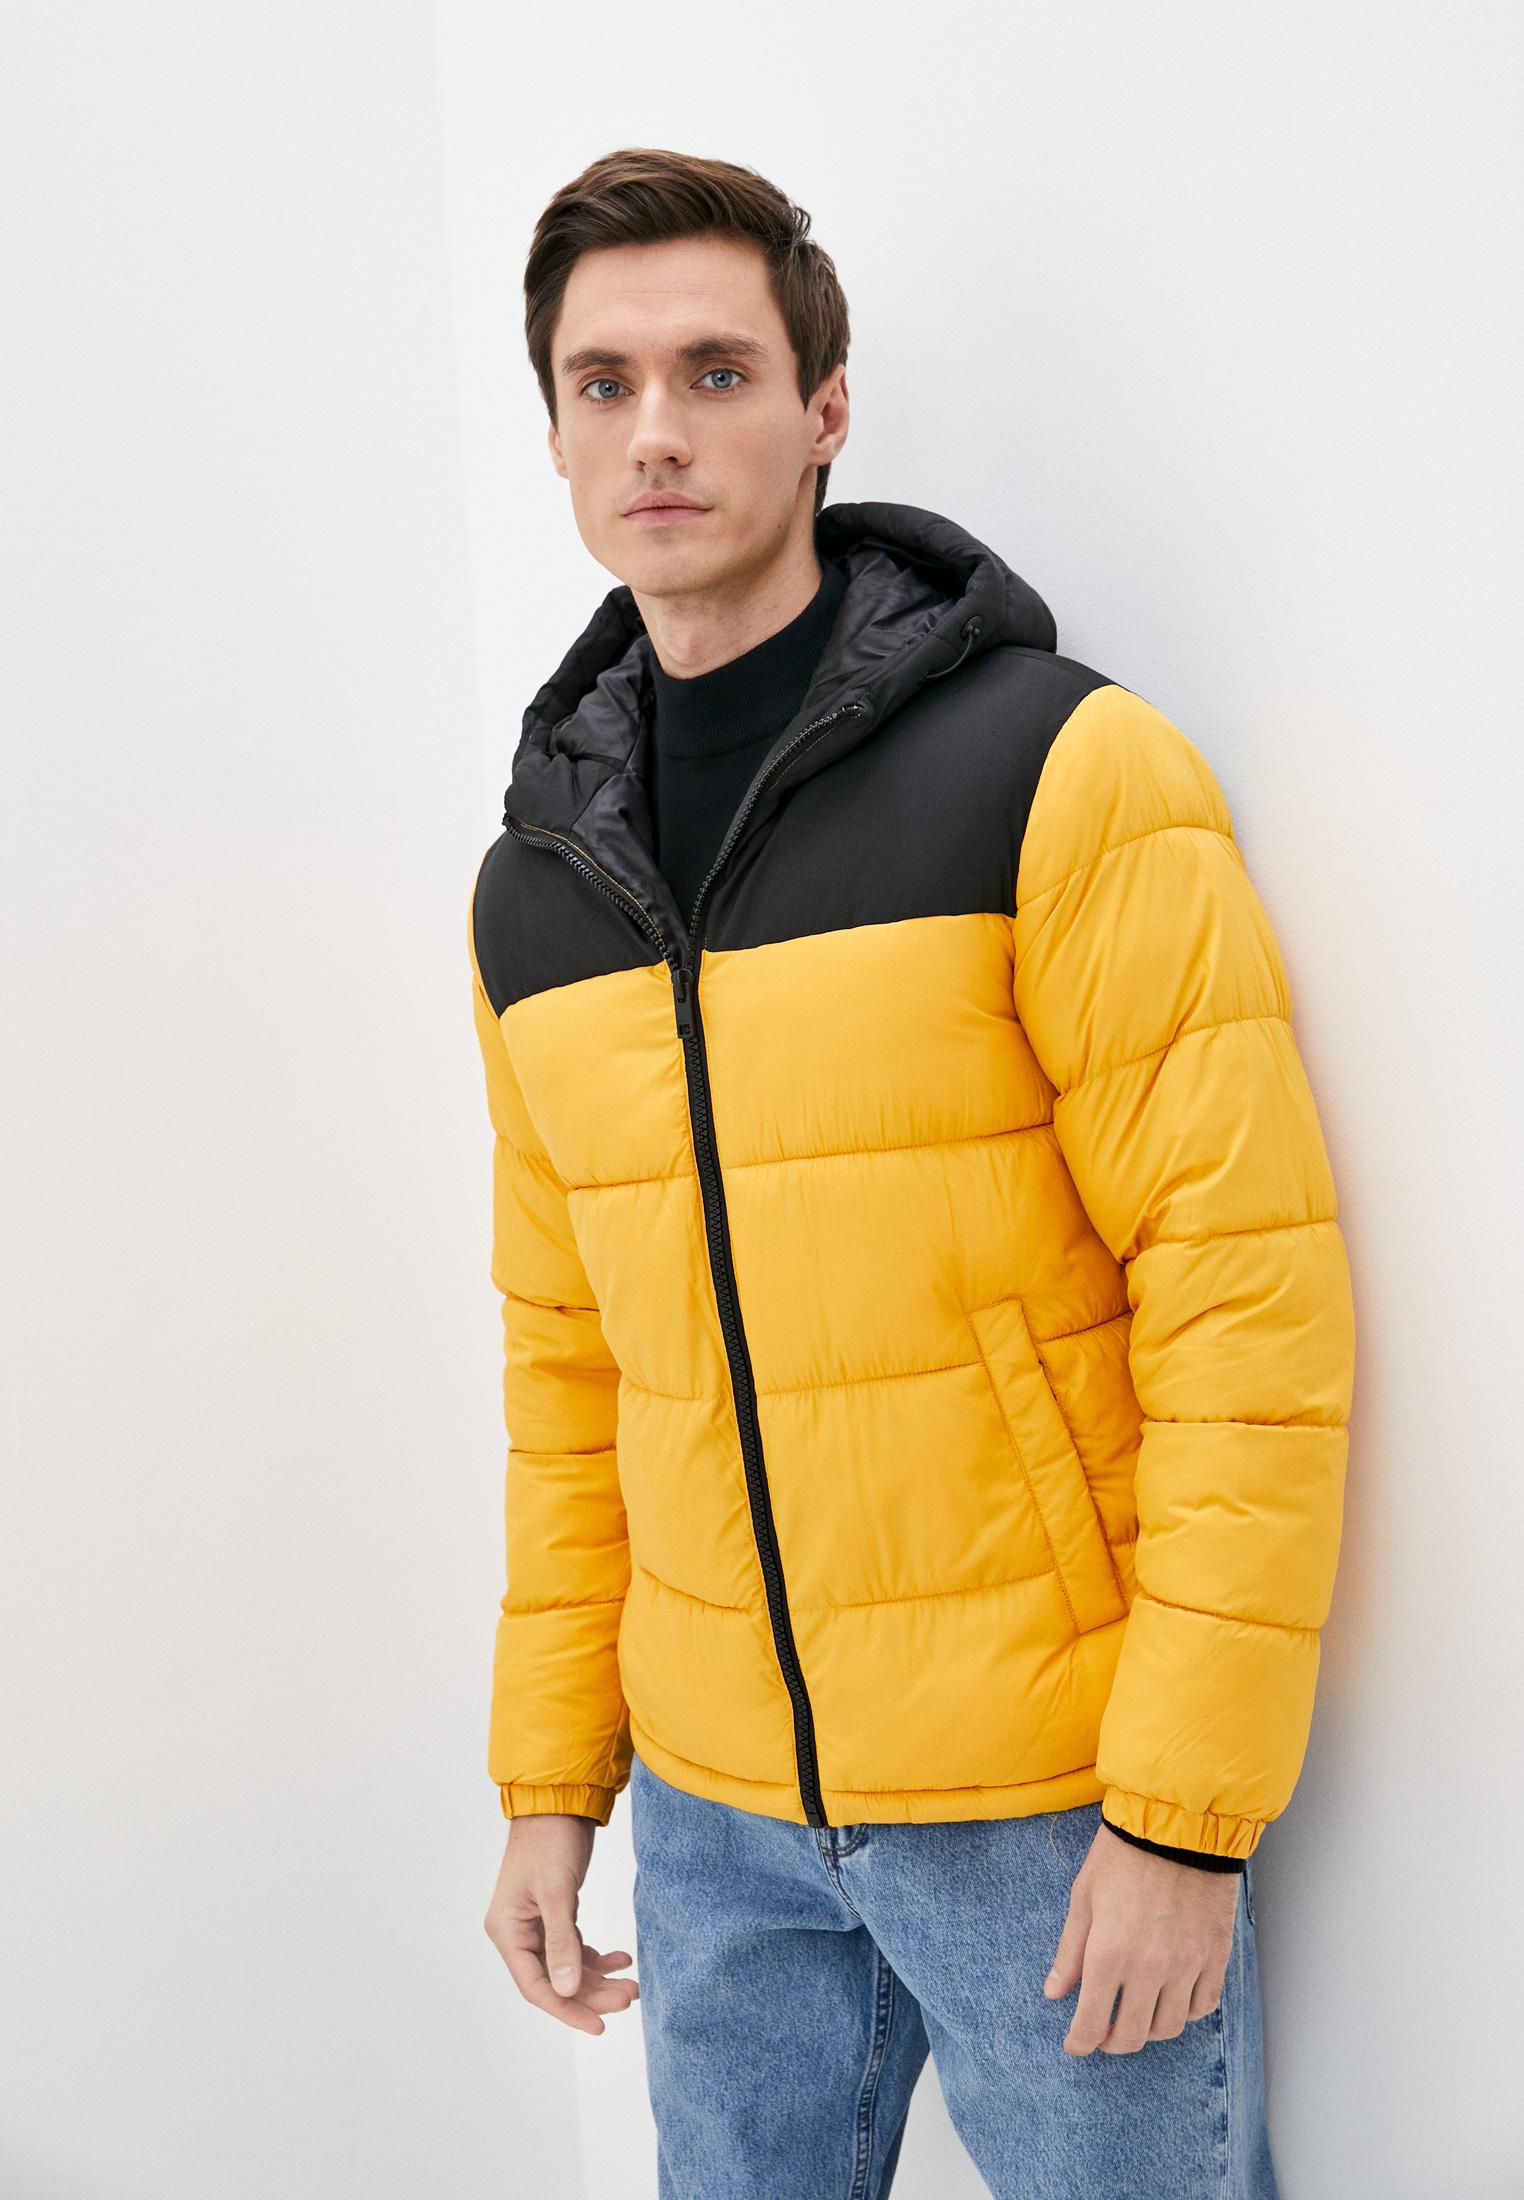 Утепленная куртка Jack & Jones (Джек Энд Джонс) Куртка утепленная Jack & Jones